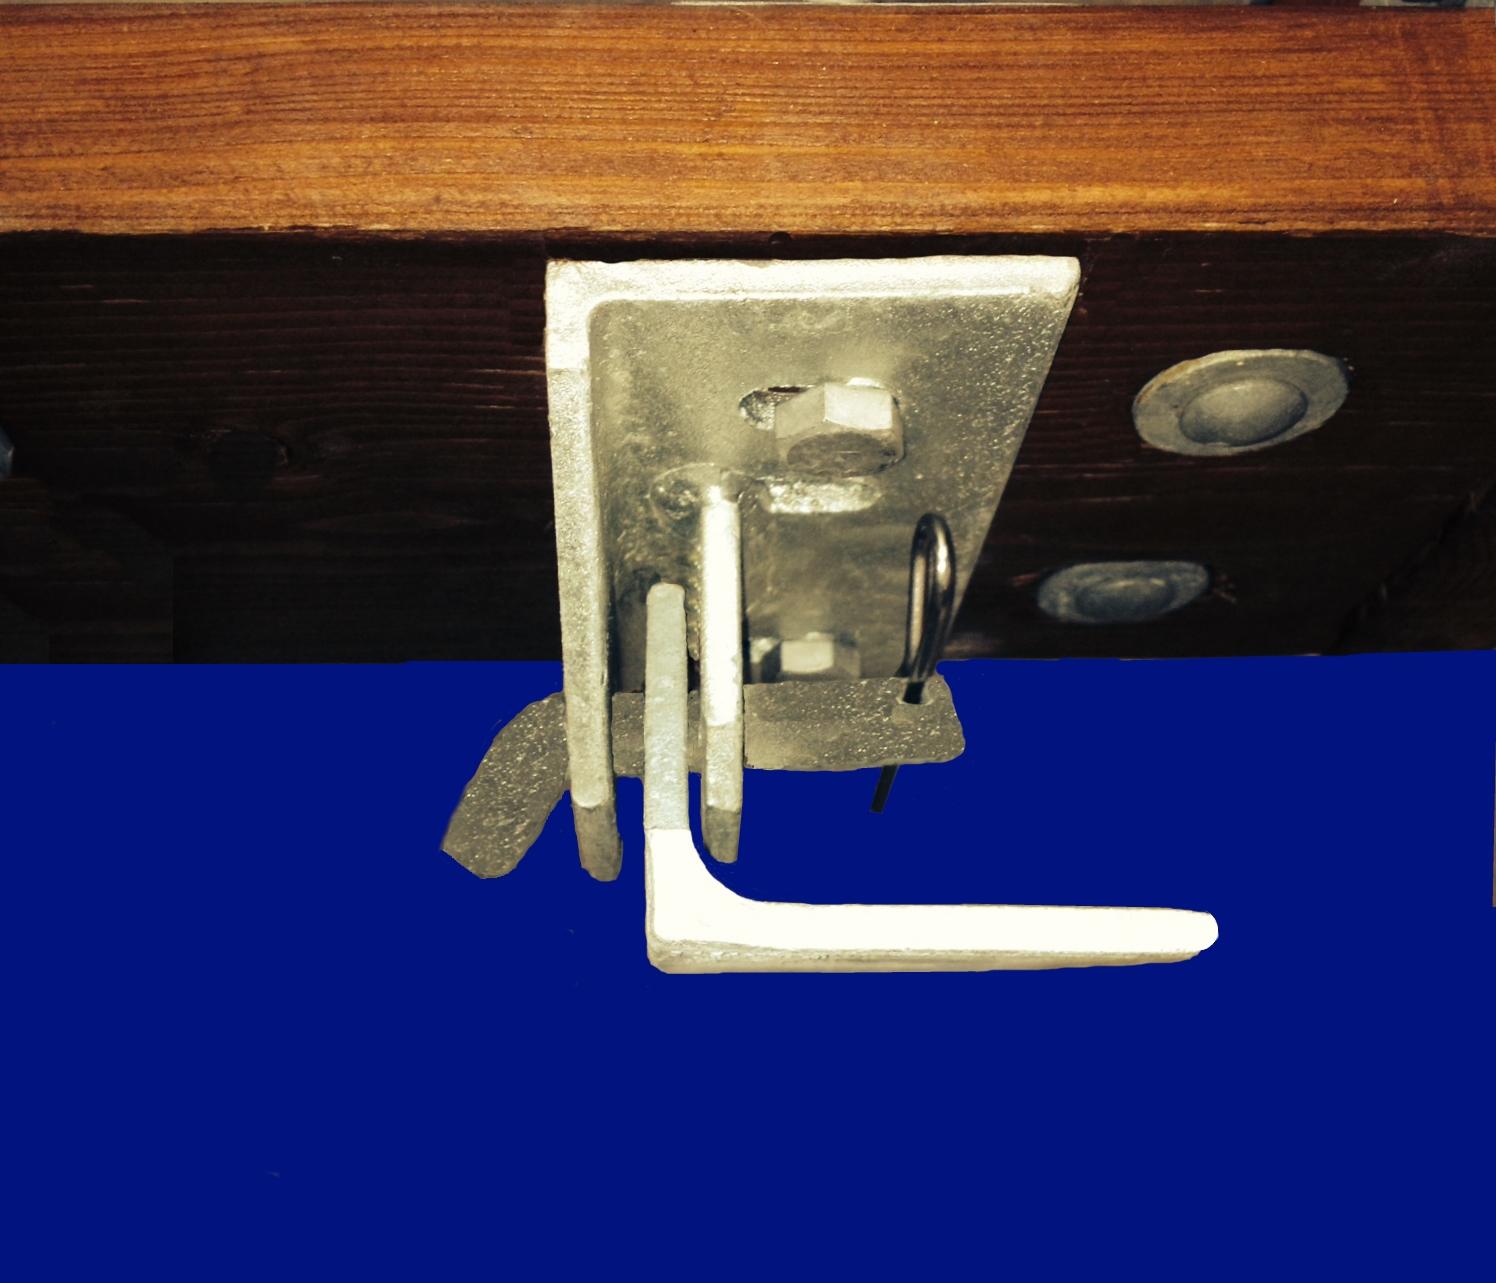 houstonmarinesystems com » >> Floating Dock Hardware